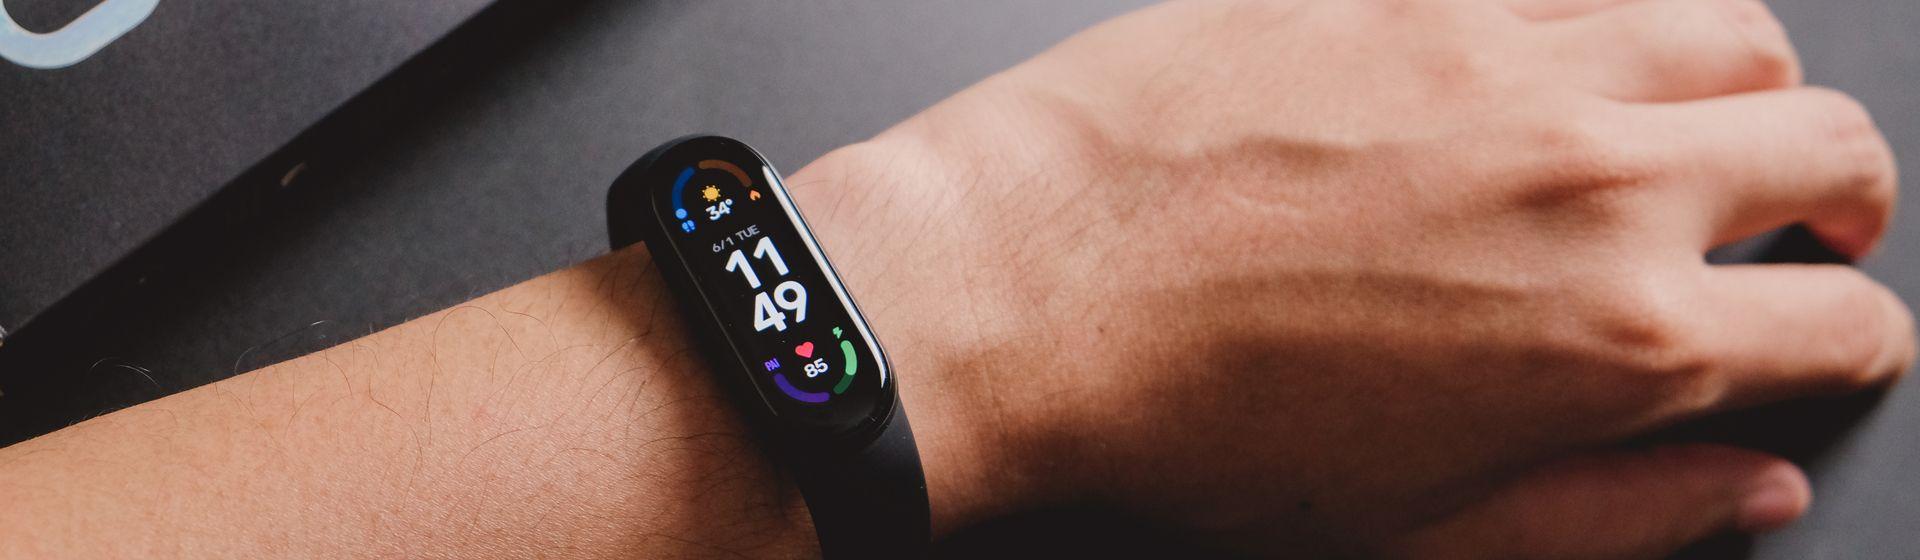 Smartbands mais vendidas em março de 2021: Mi Band 5 segue na ponta